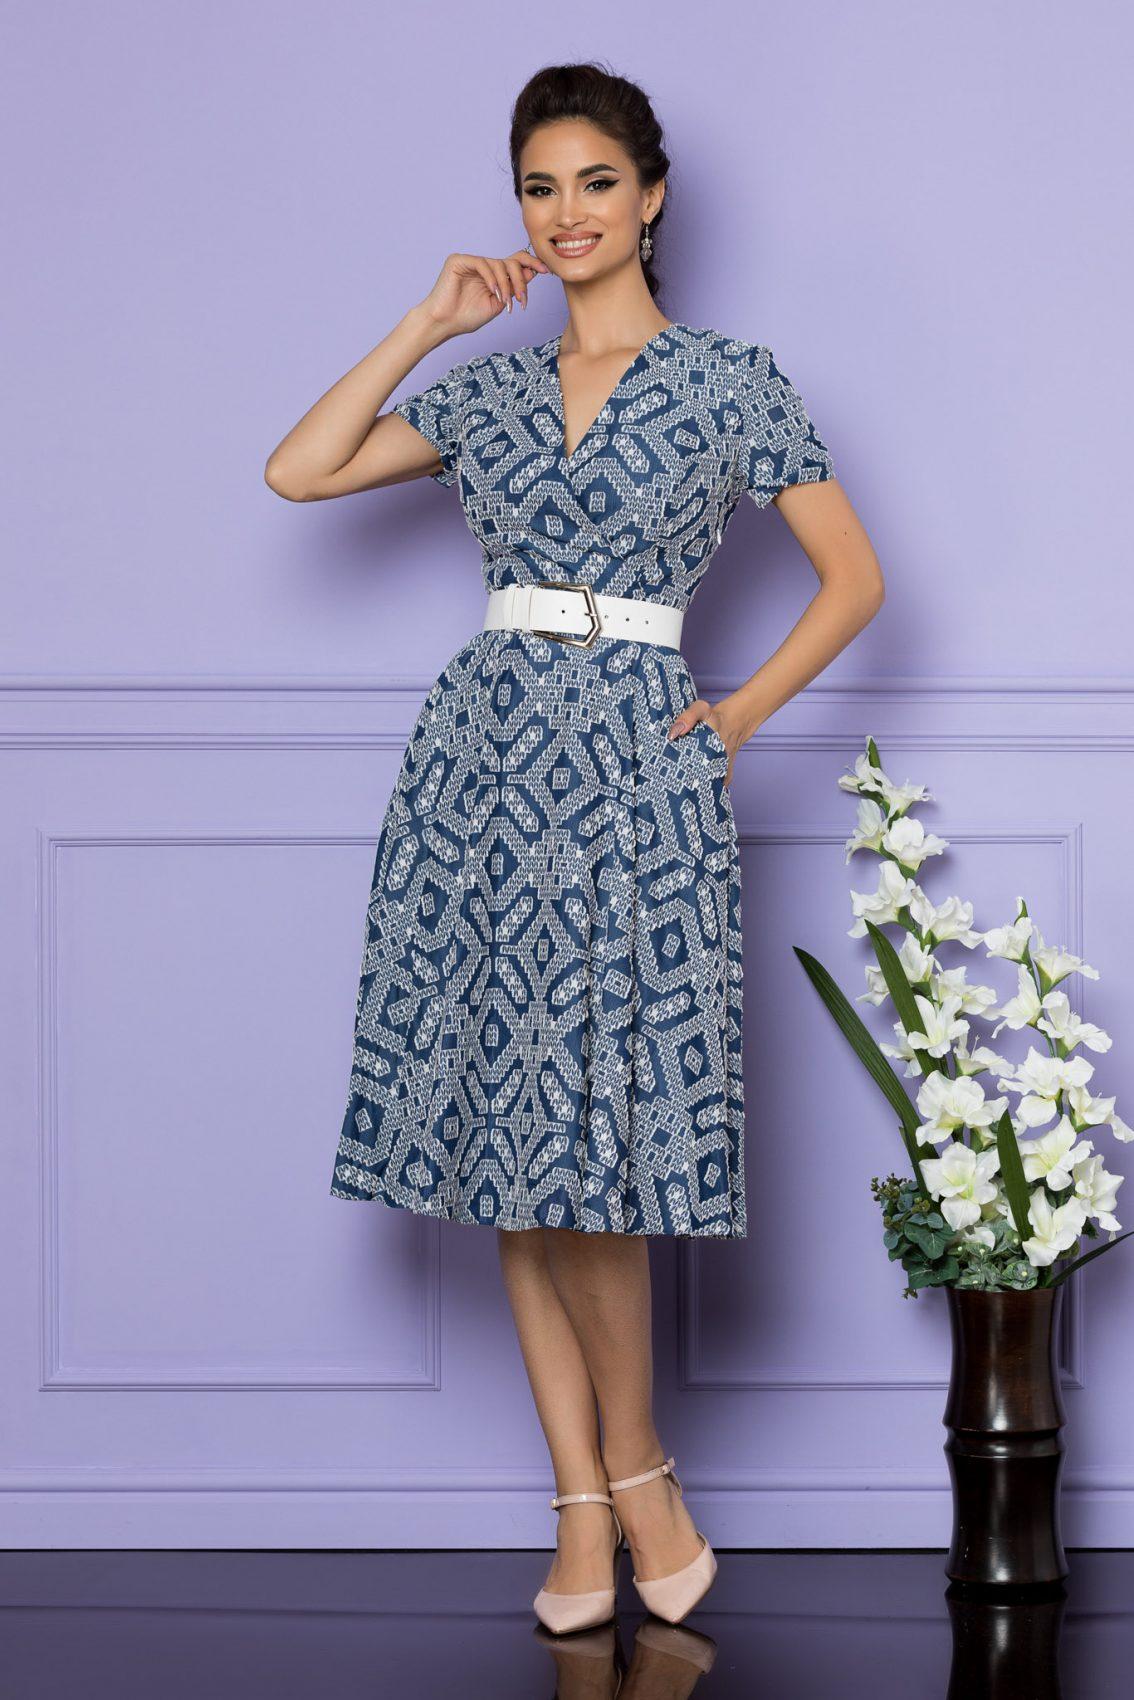 Μπλε Μίντι Κοντομάνικο Φόρεμα Patricia A694 1